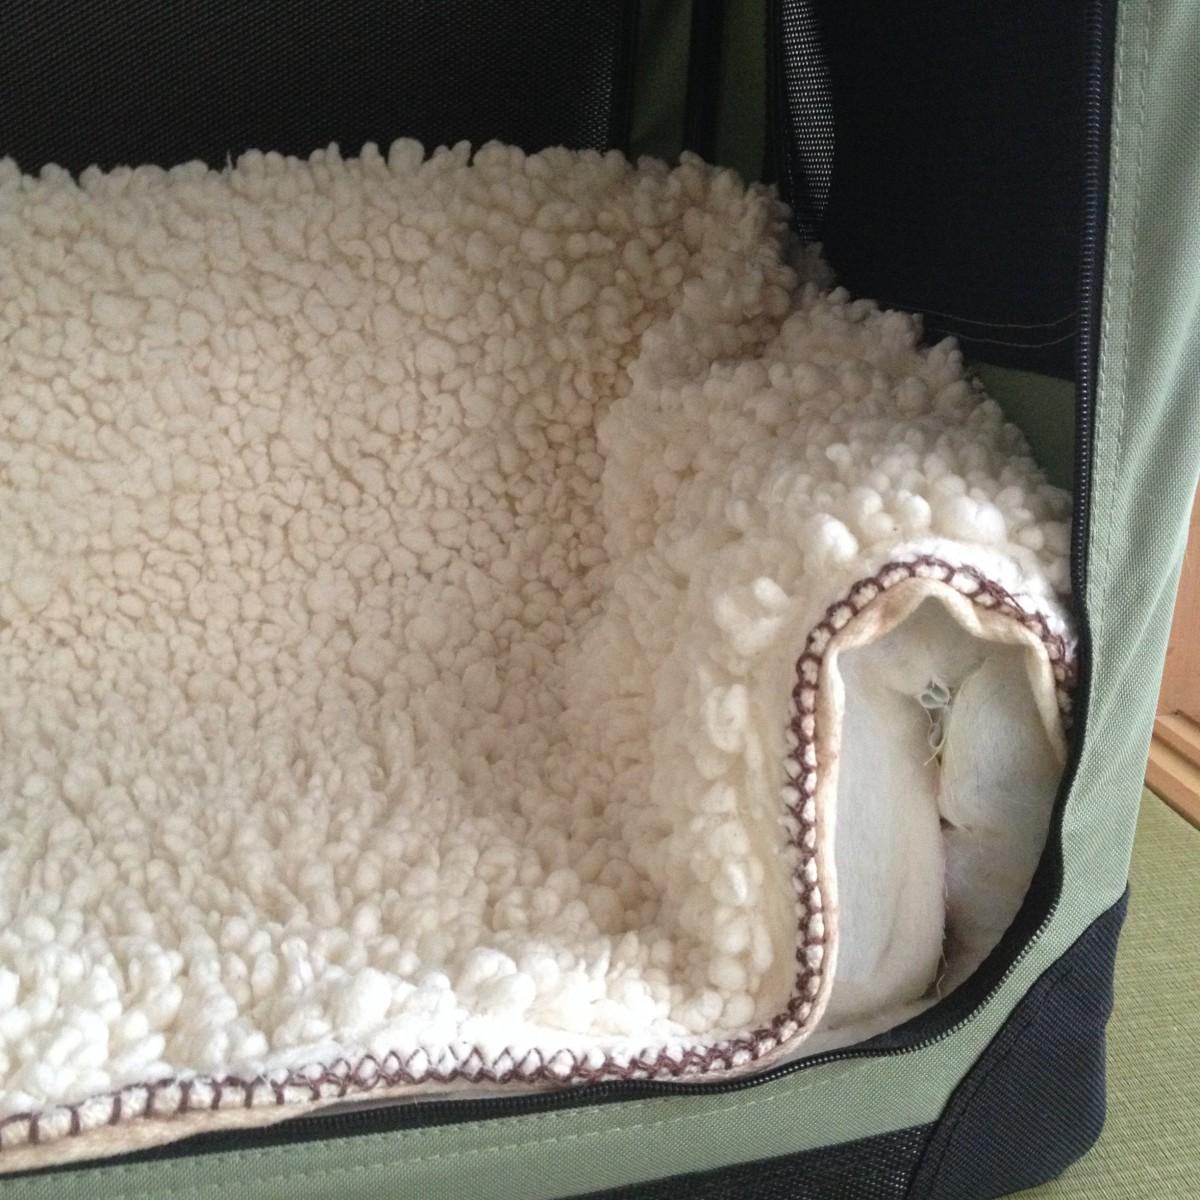 捨てるの待って!処分予定のお布団で、猫用ペットケージの冬支度!